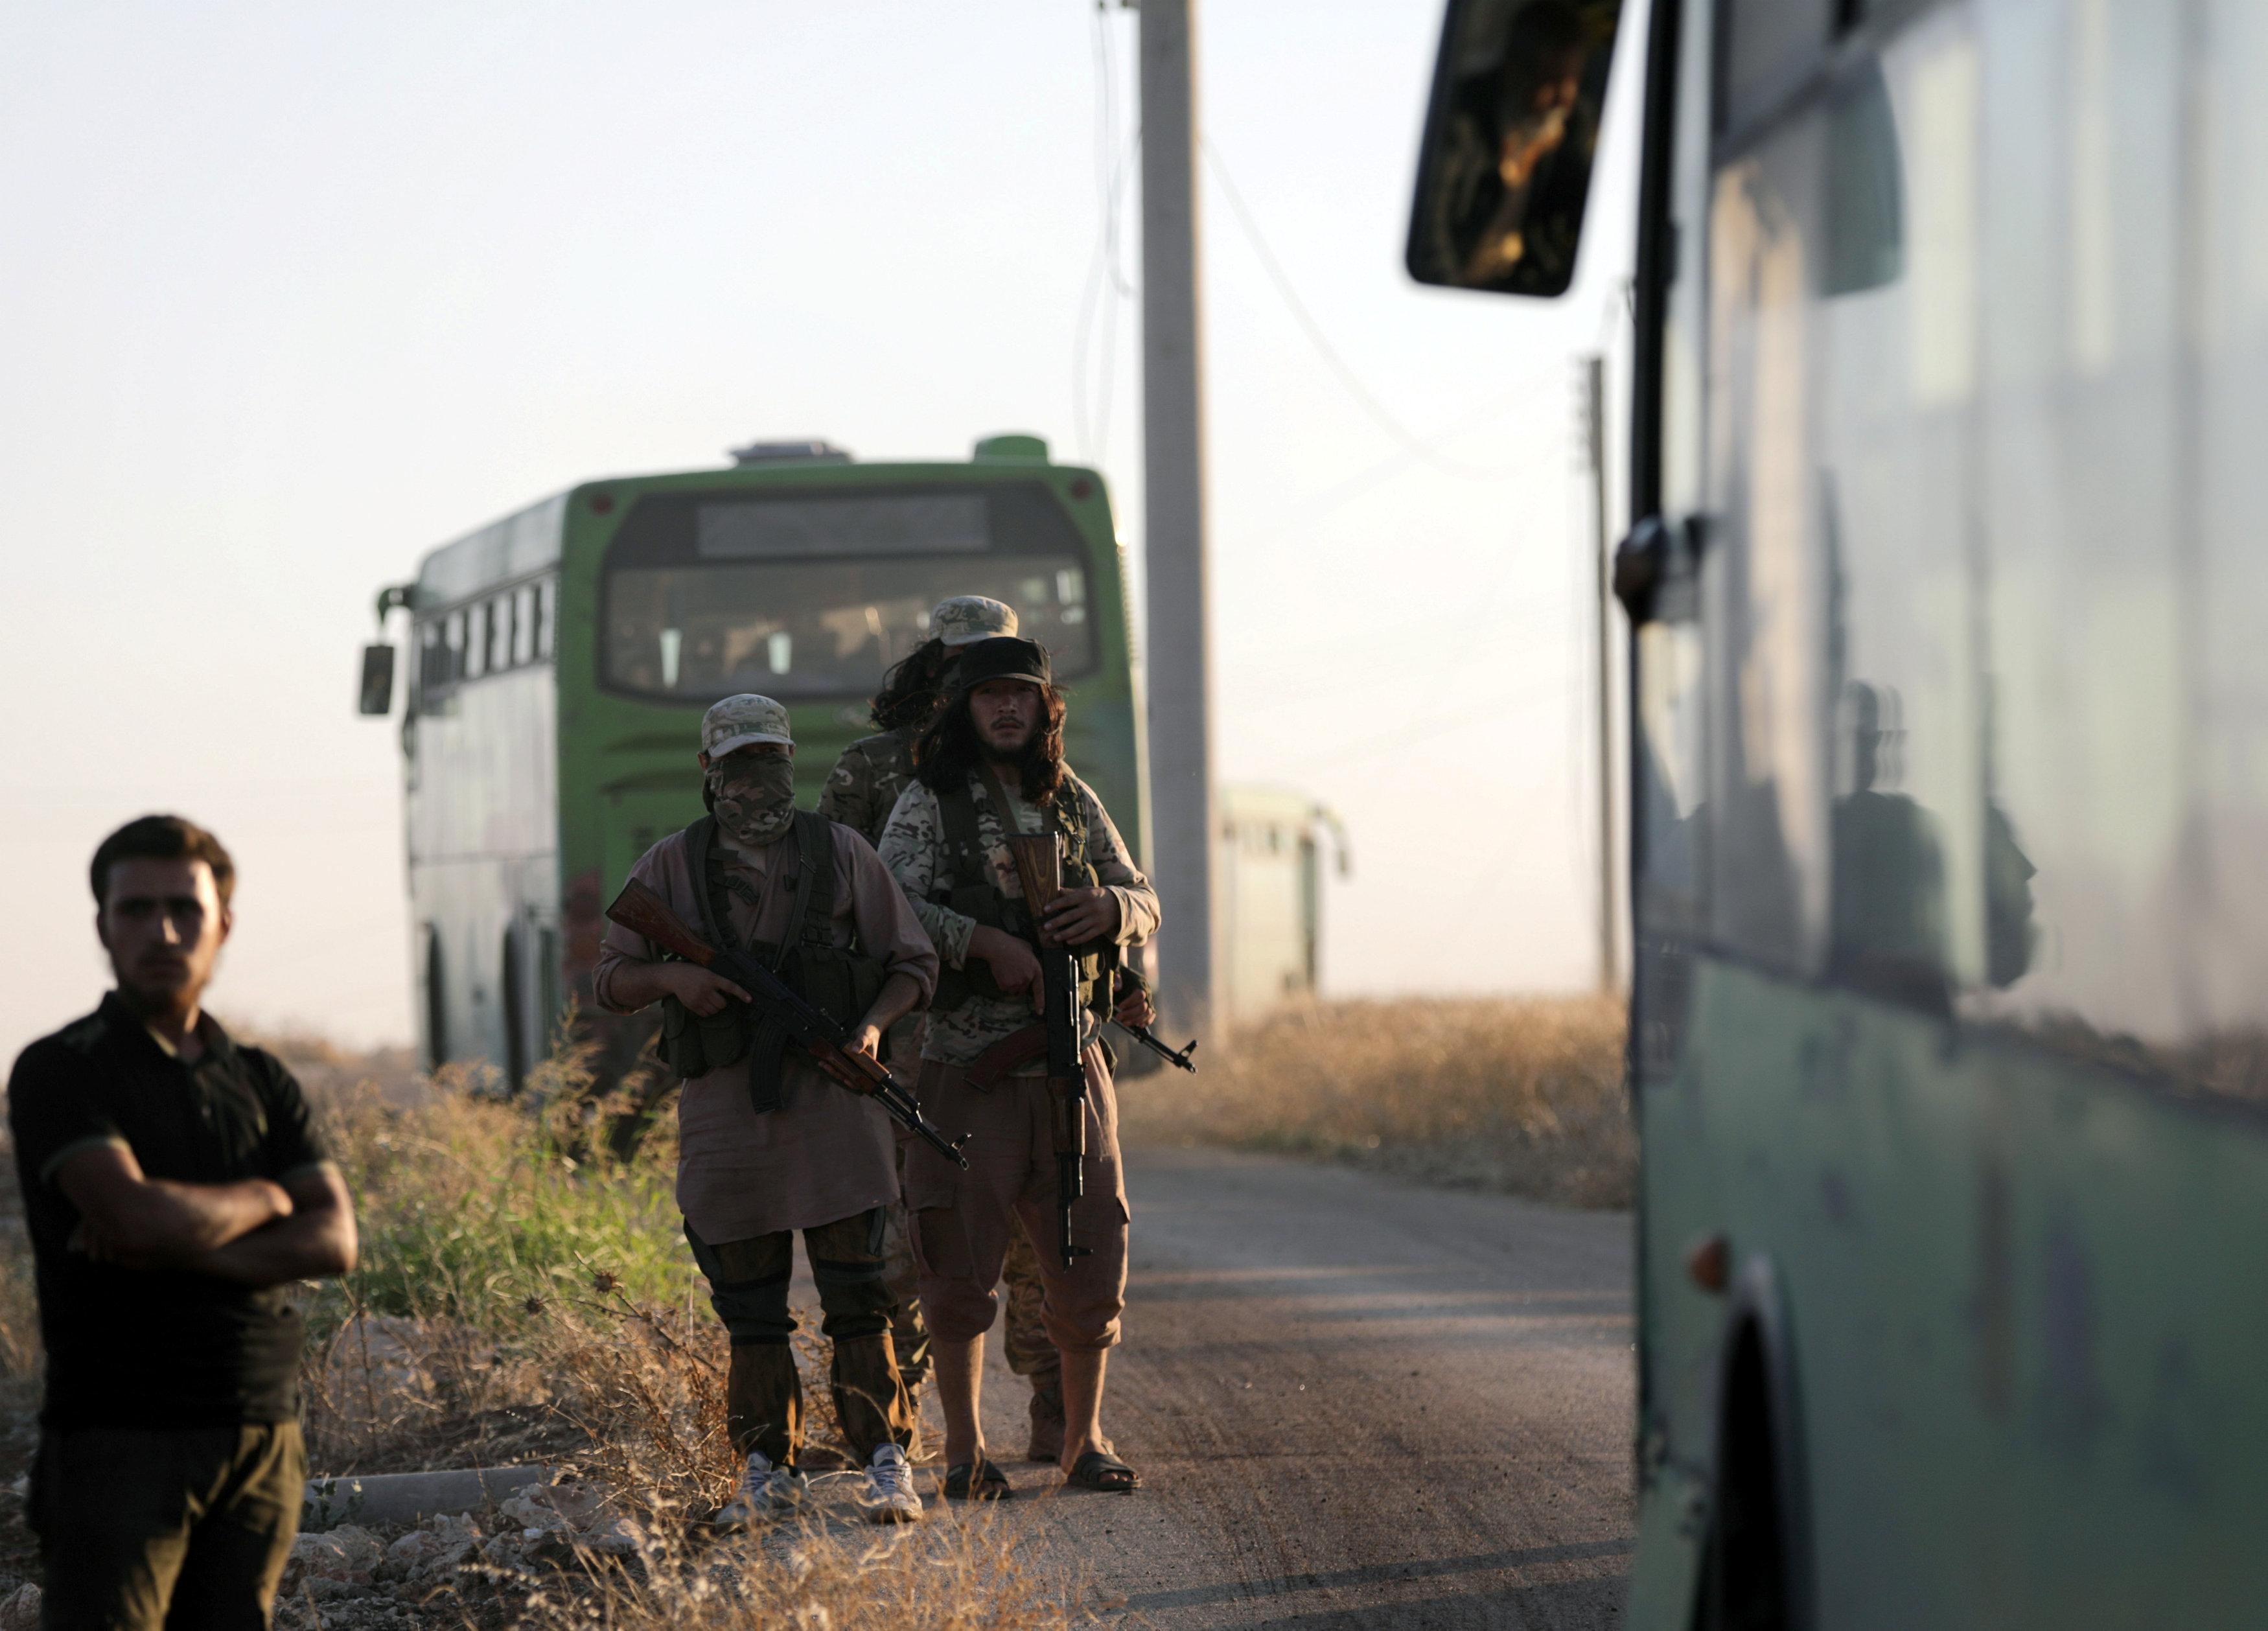 مسلحين بجوار الباصات